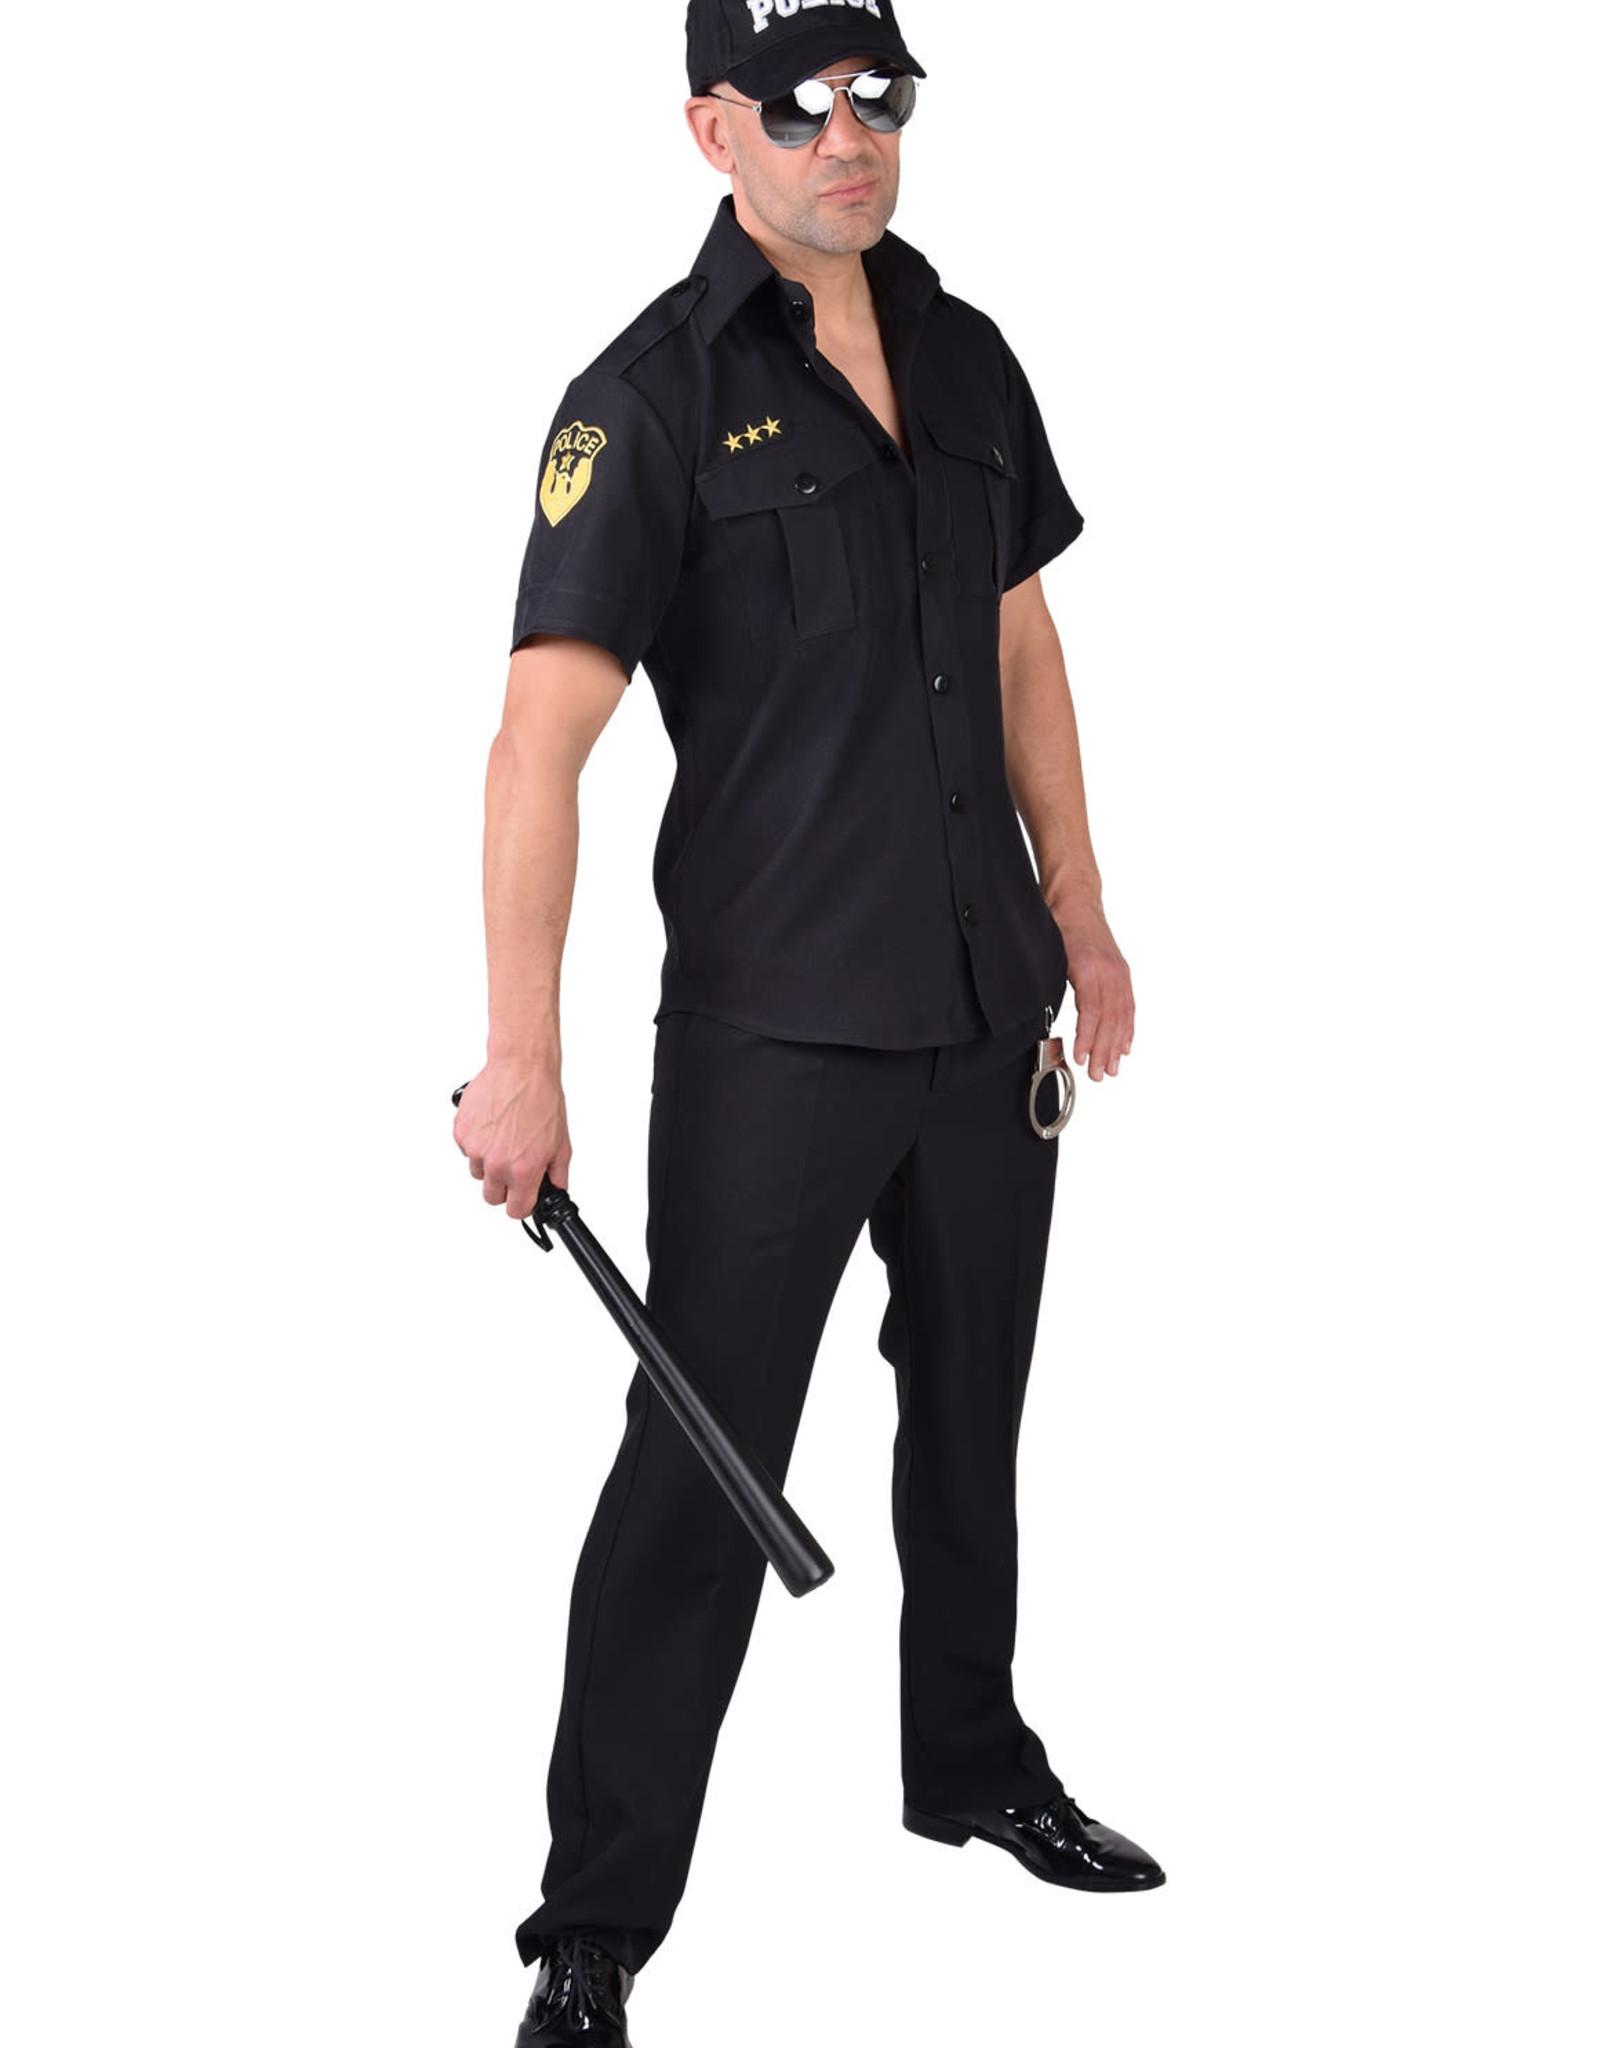 MAGIC politie hemd huurprijs € 10